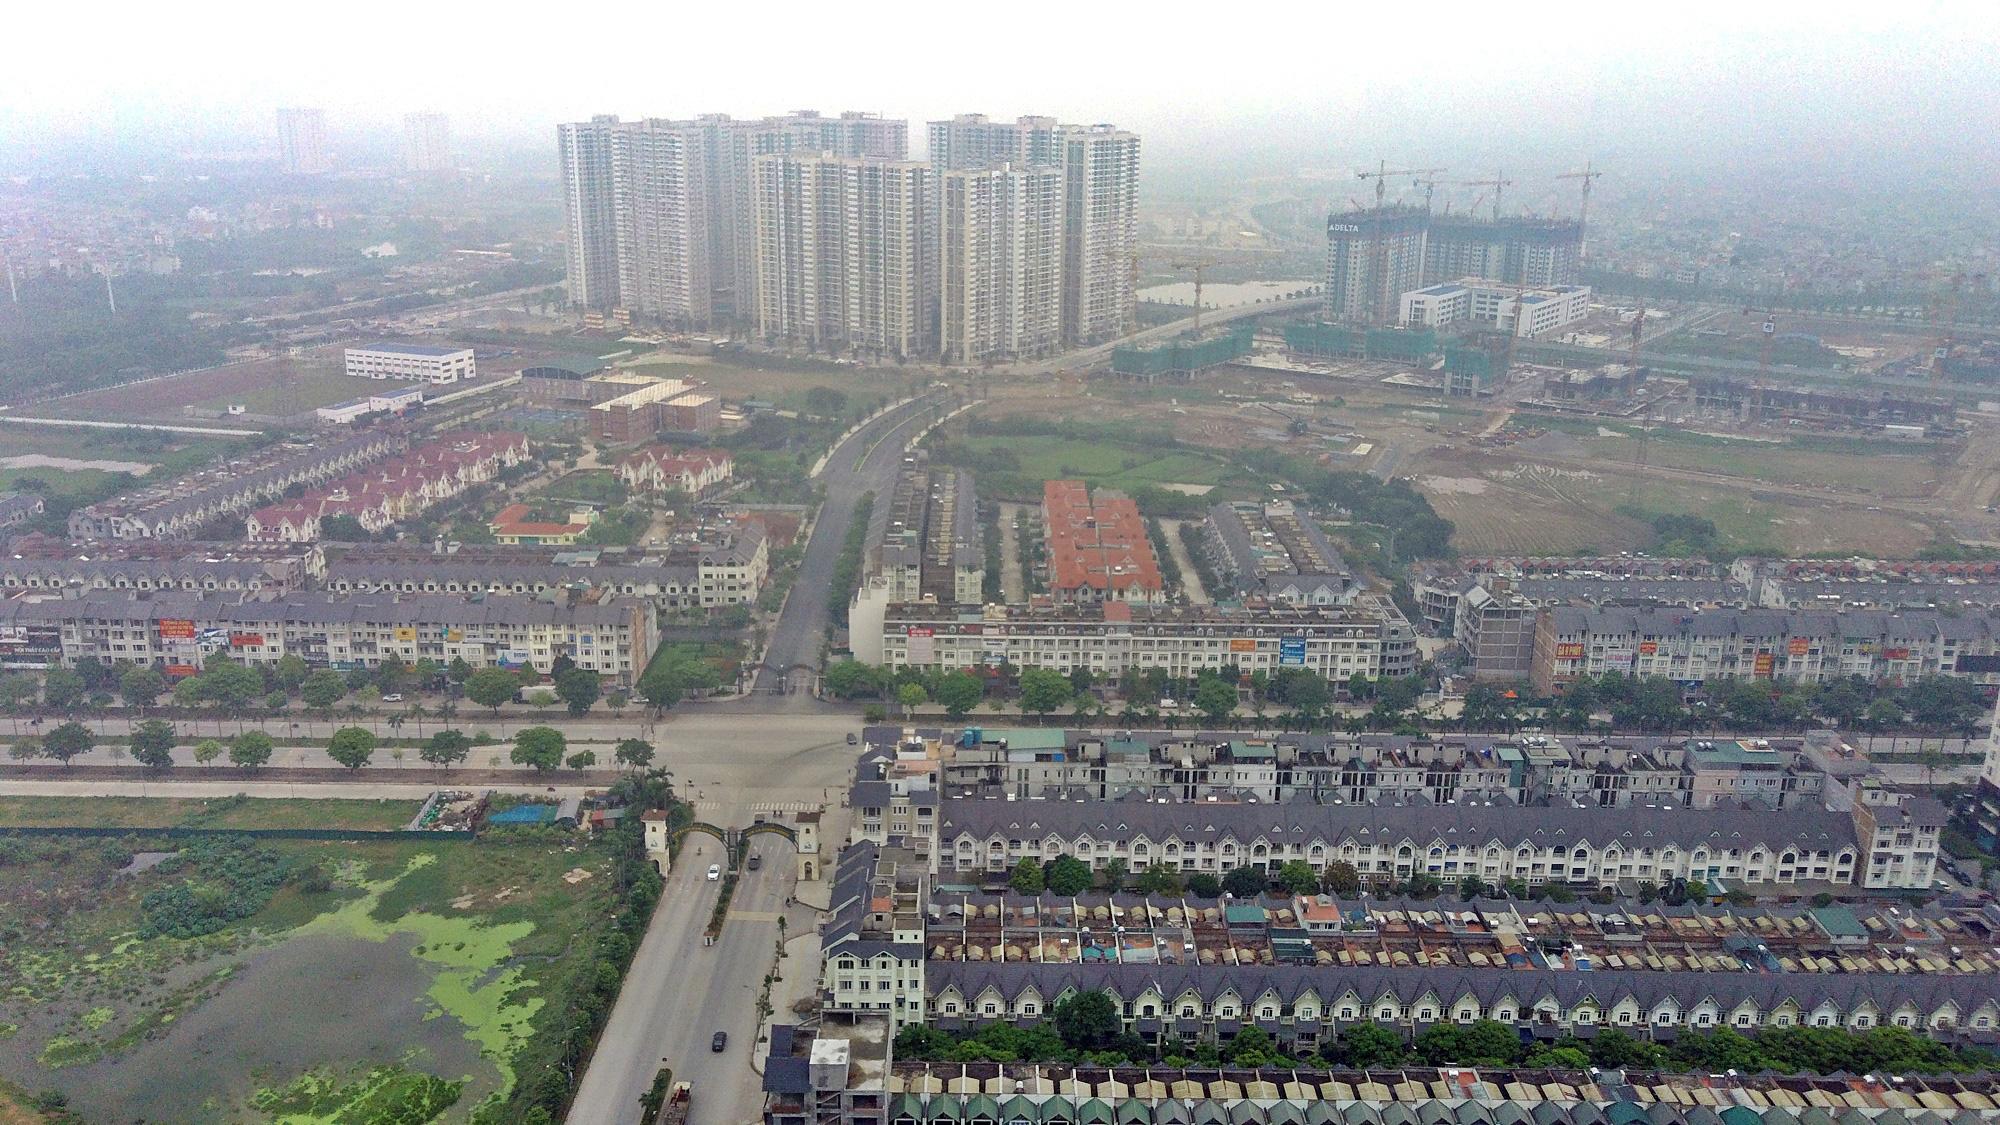 Đường sẽ mở theo qui hoạch ở Hà Nội: Toàn cảnh đường nối KĐT Nam An Khánh đến Sân vận động Mỹ Đình - Ảnh 13.